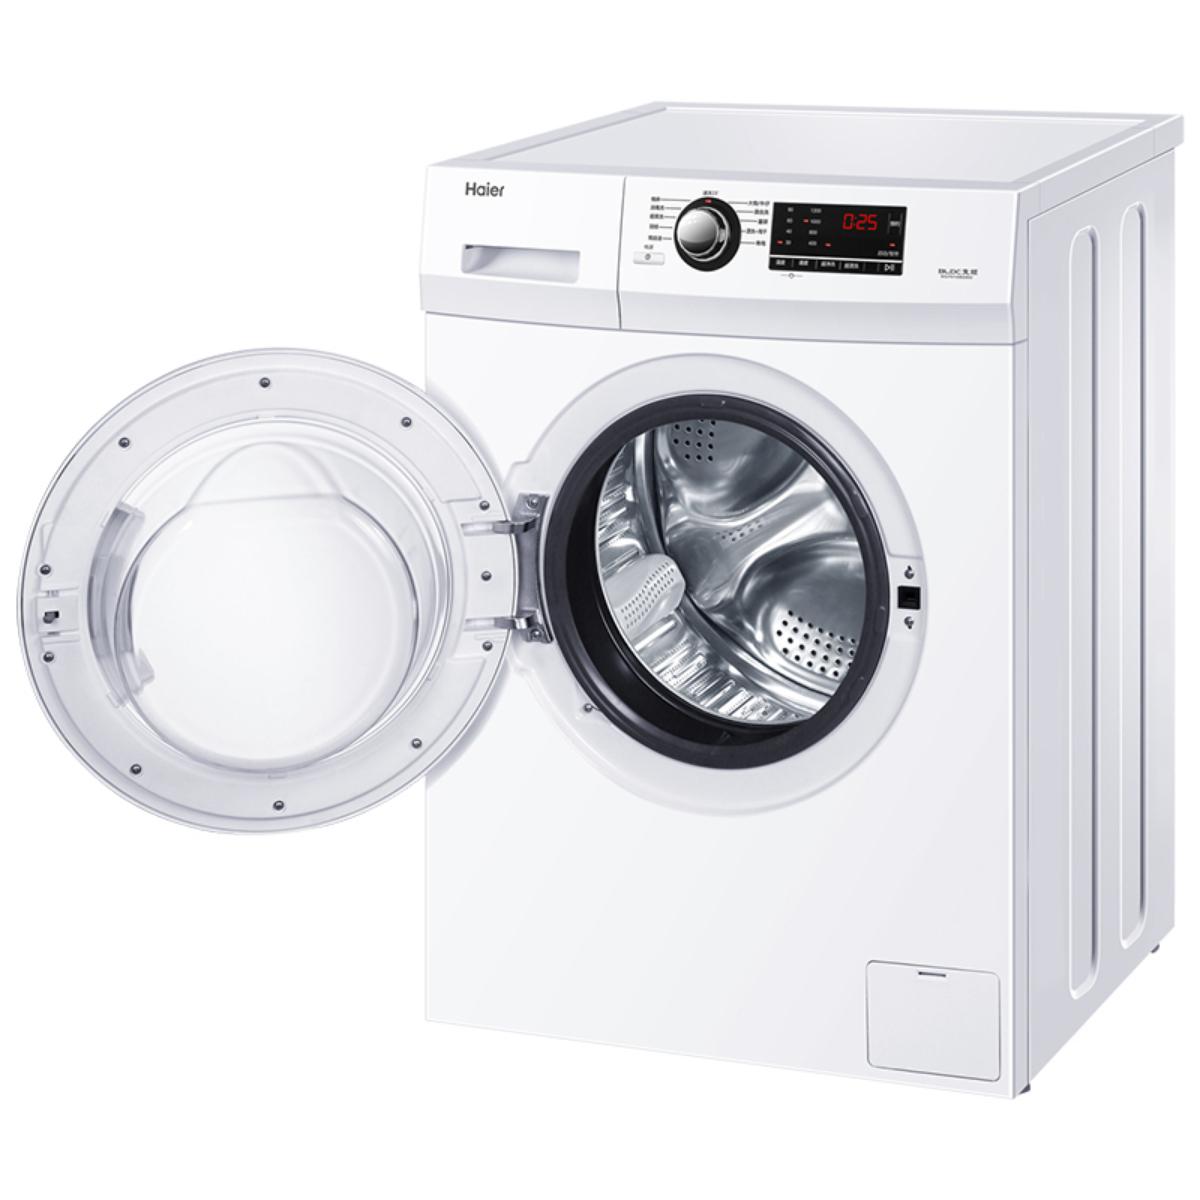 滚筒洗衣机怎么使用 滚筒洗衣机不同使用方法讲解